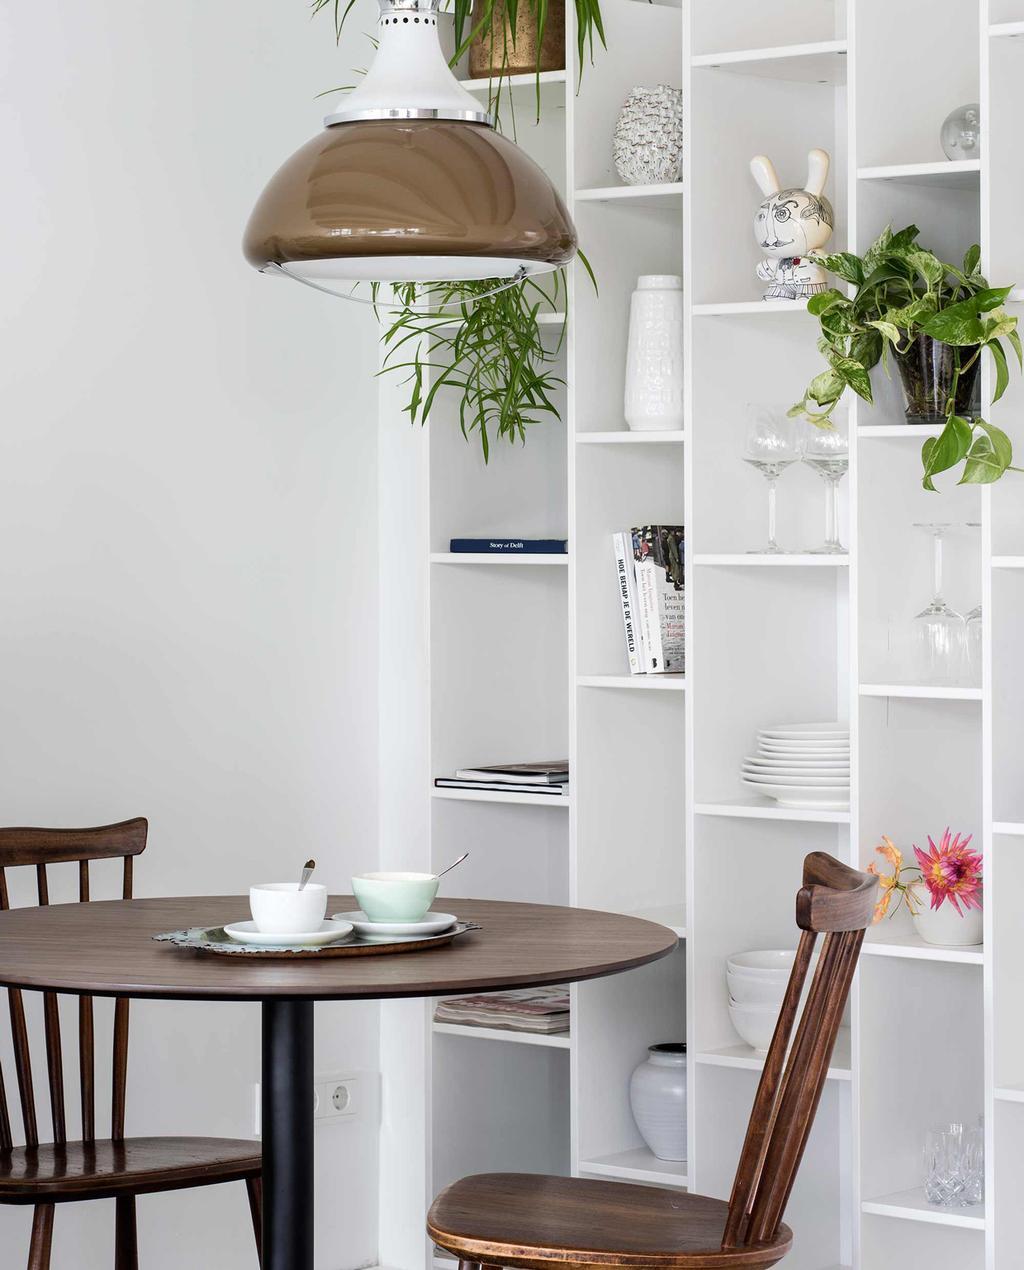 witte boekenkast met planten en servies naast donkerbruine vintage houten tafel